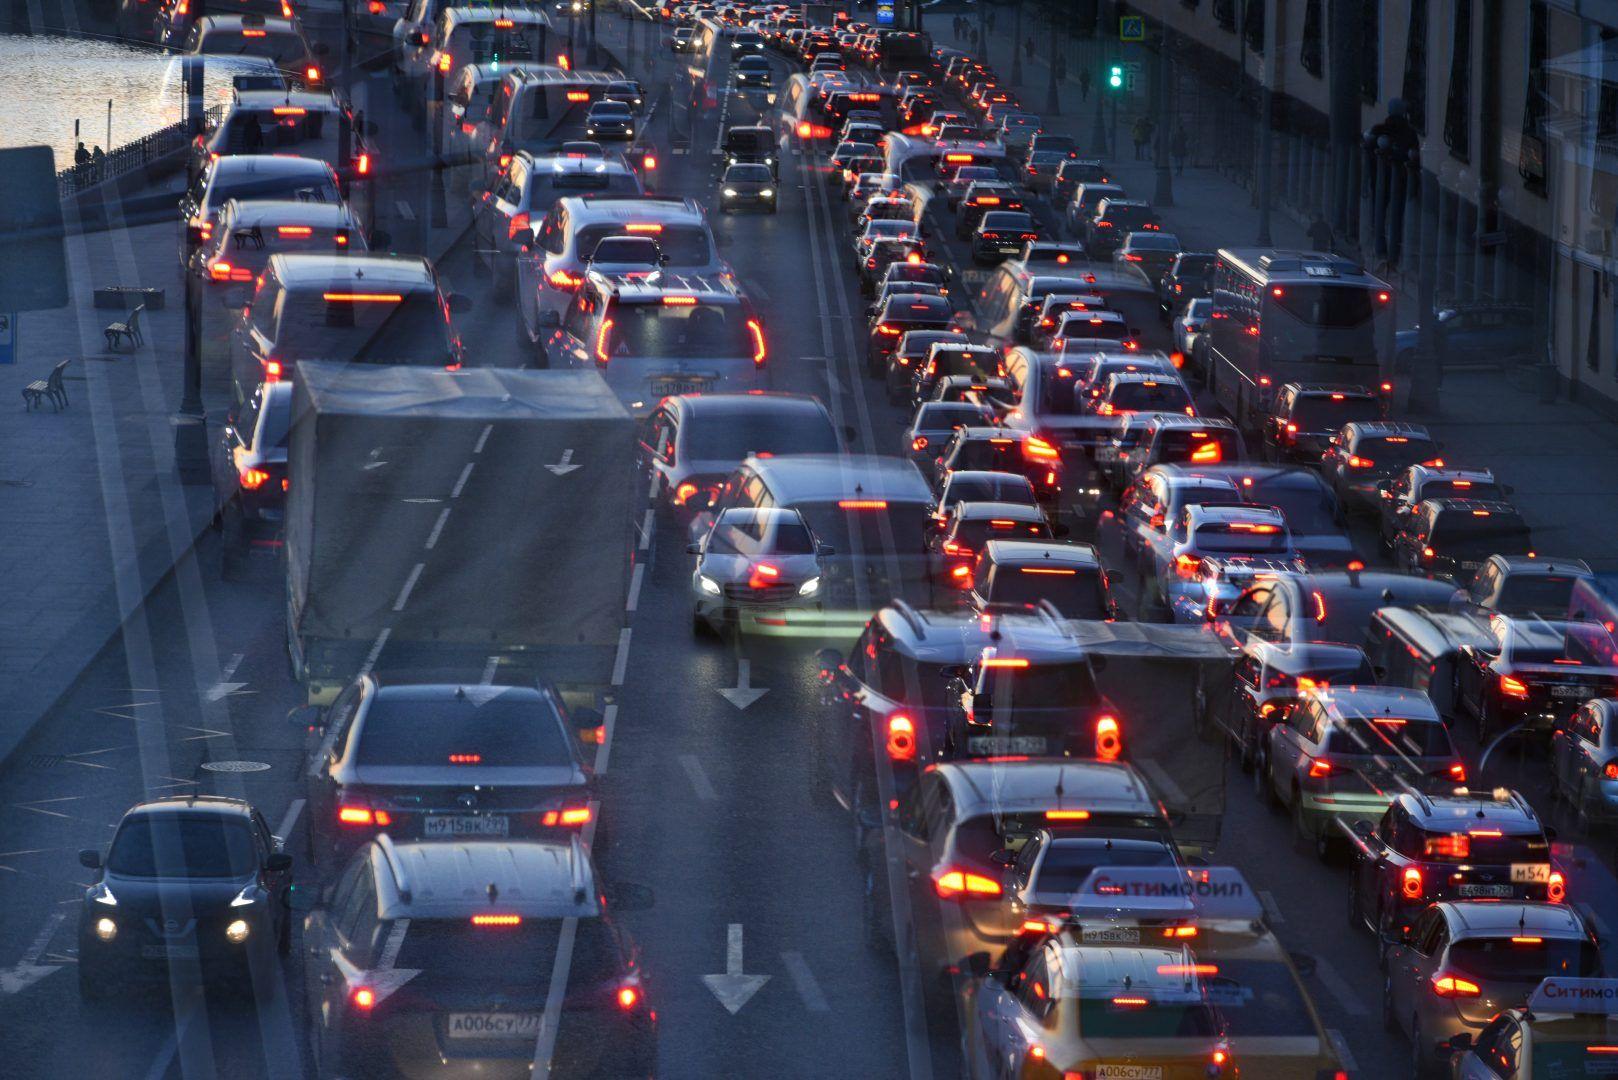 Специалисты ЦОДД предупредили о заморозках на дорогах.Фото: архив, «Вечерняя Москва»